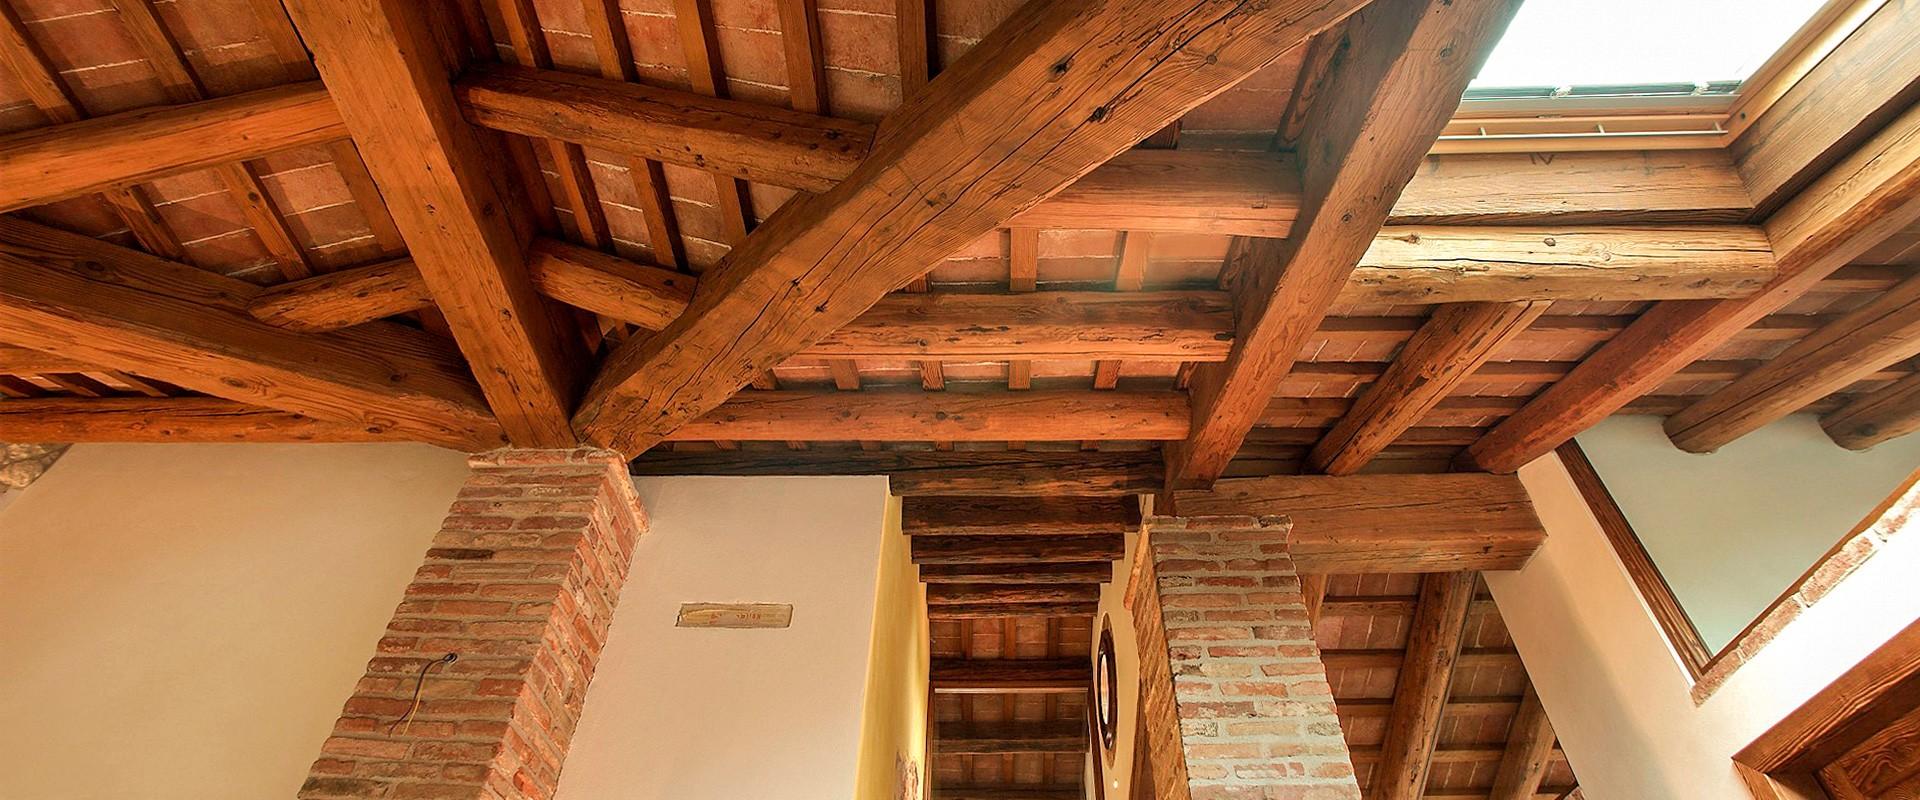 Legno antico - Padova: Travi antiche